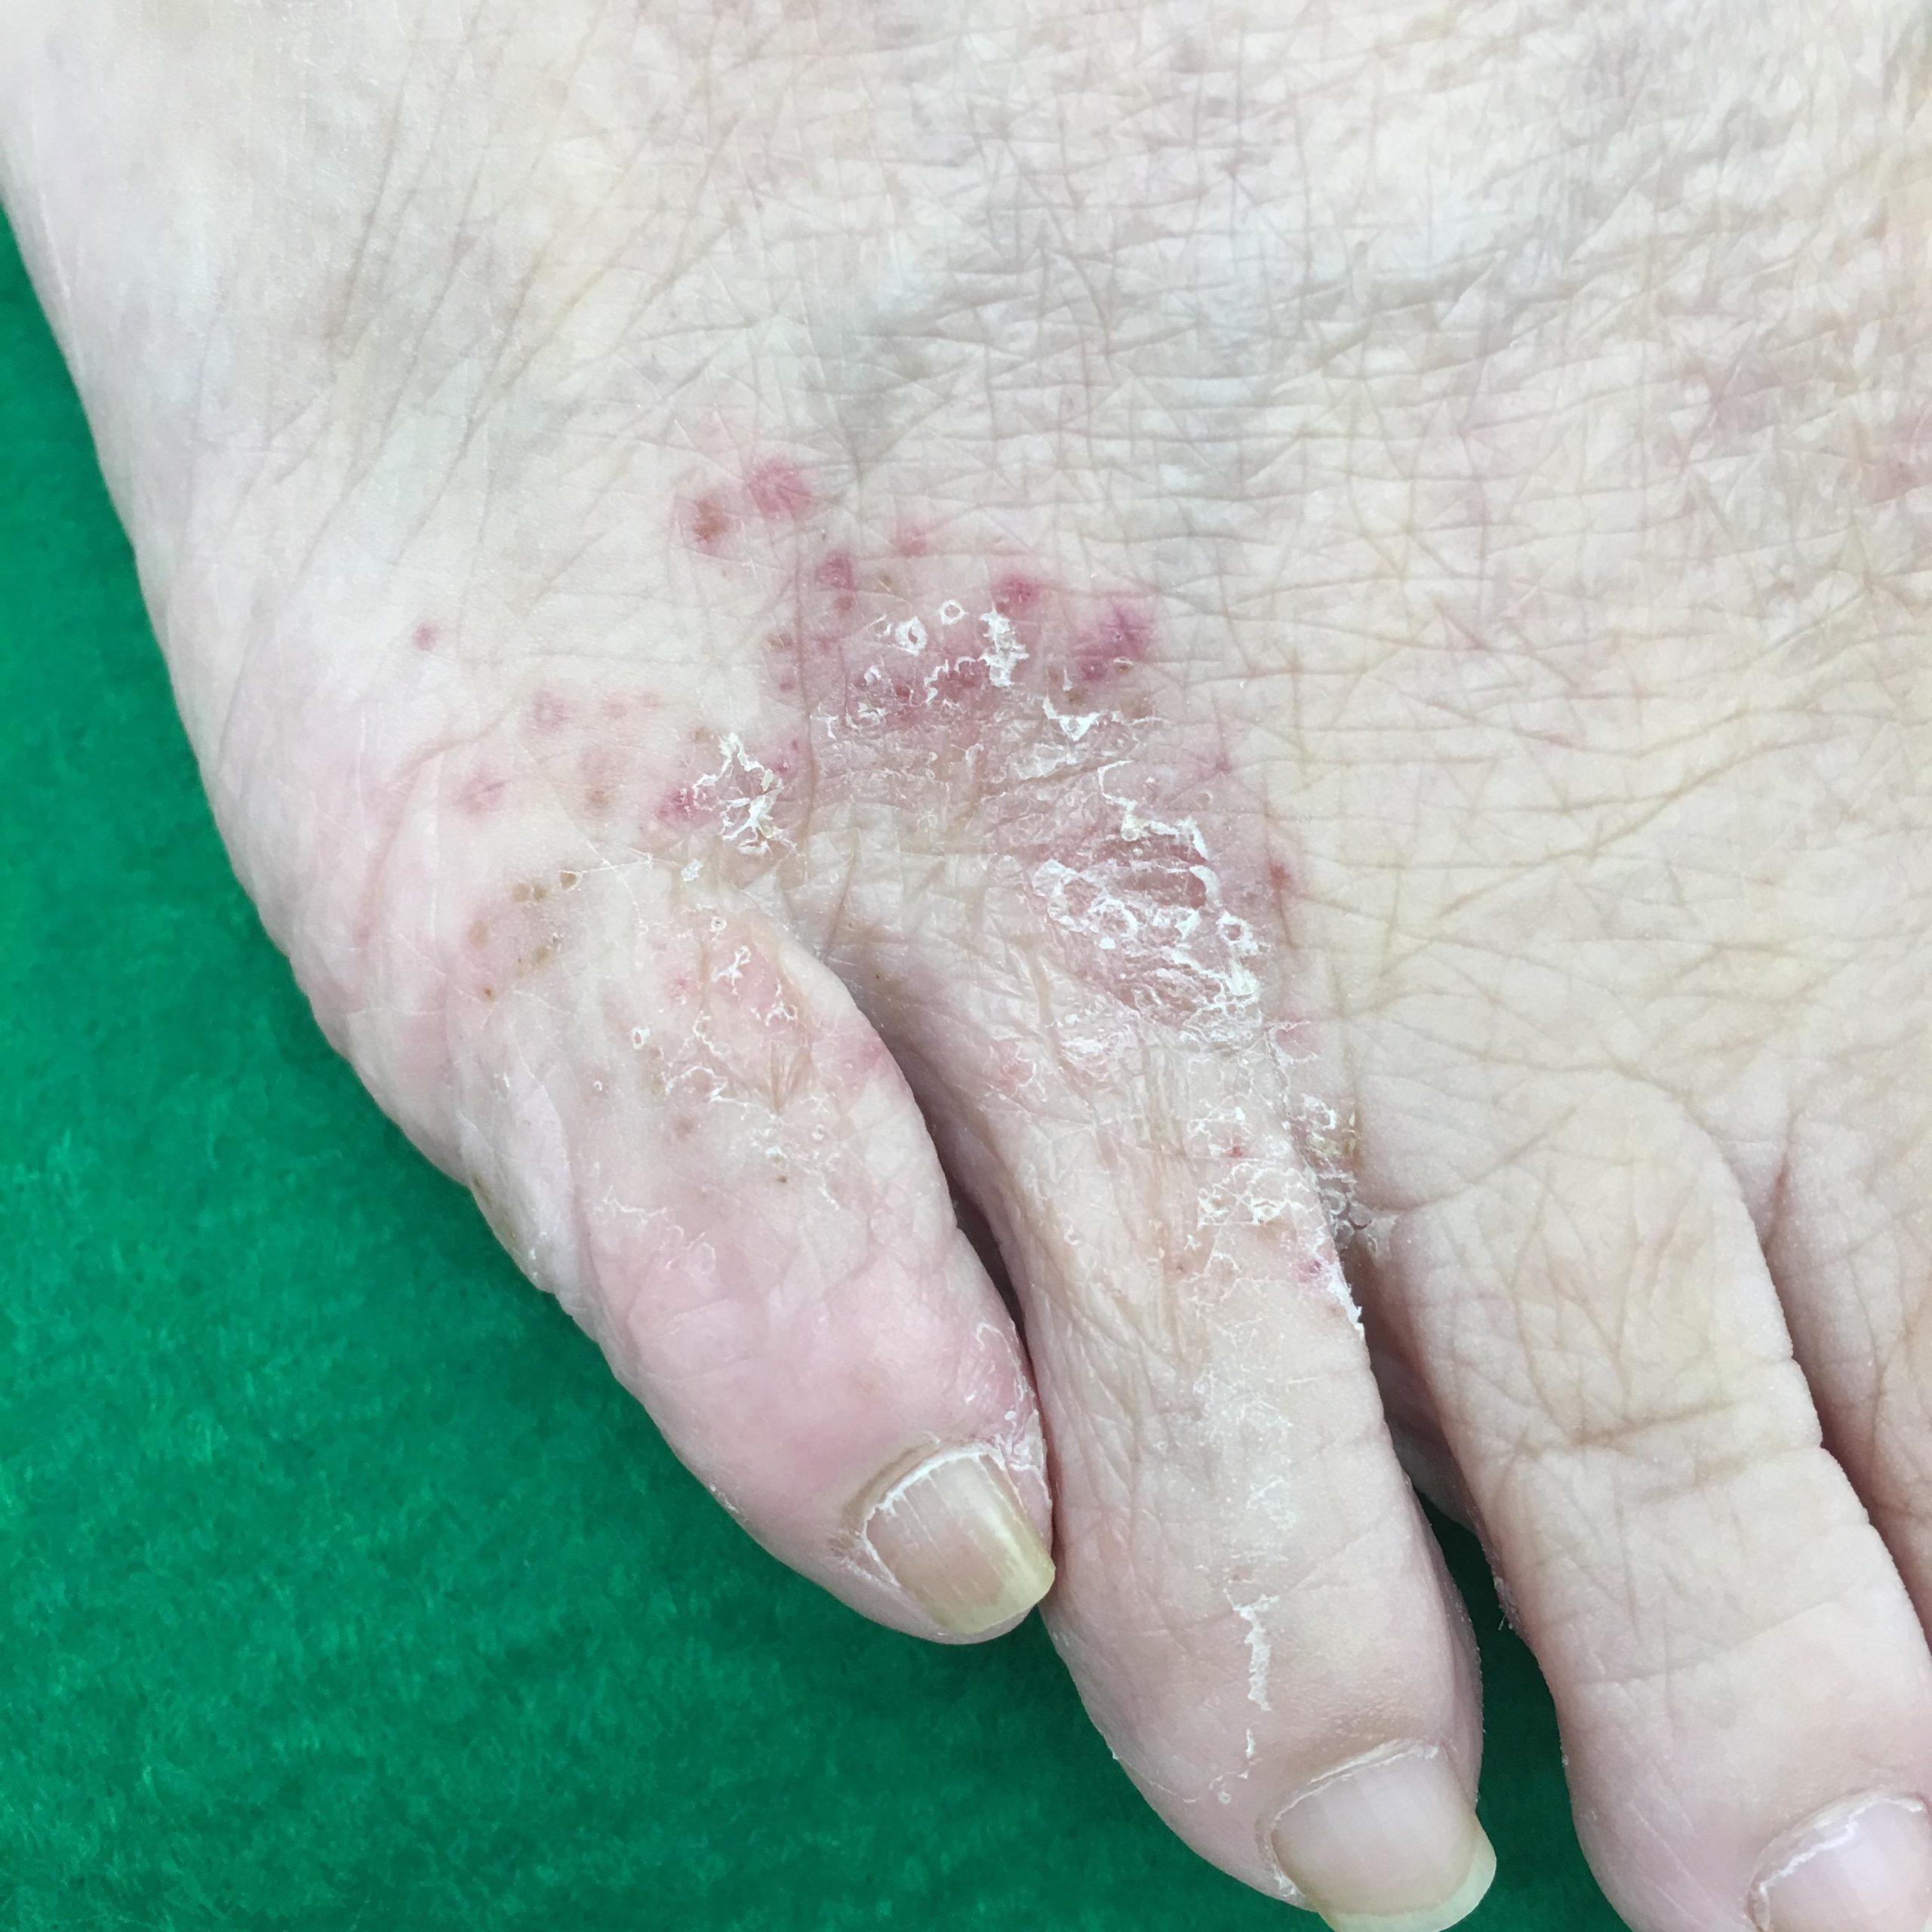 足の第4〜5指の付近は水虫の好発部位です。